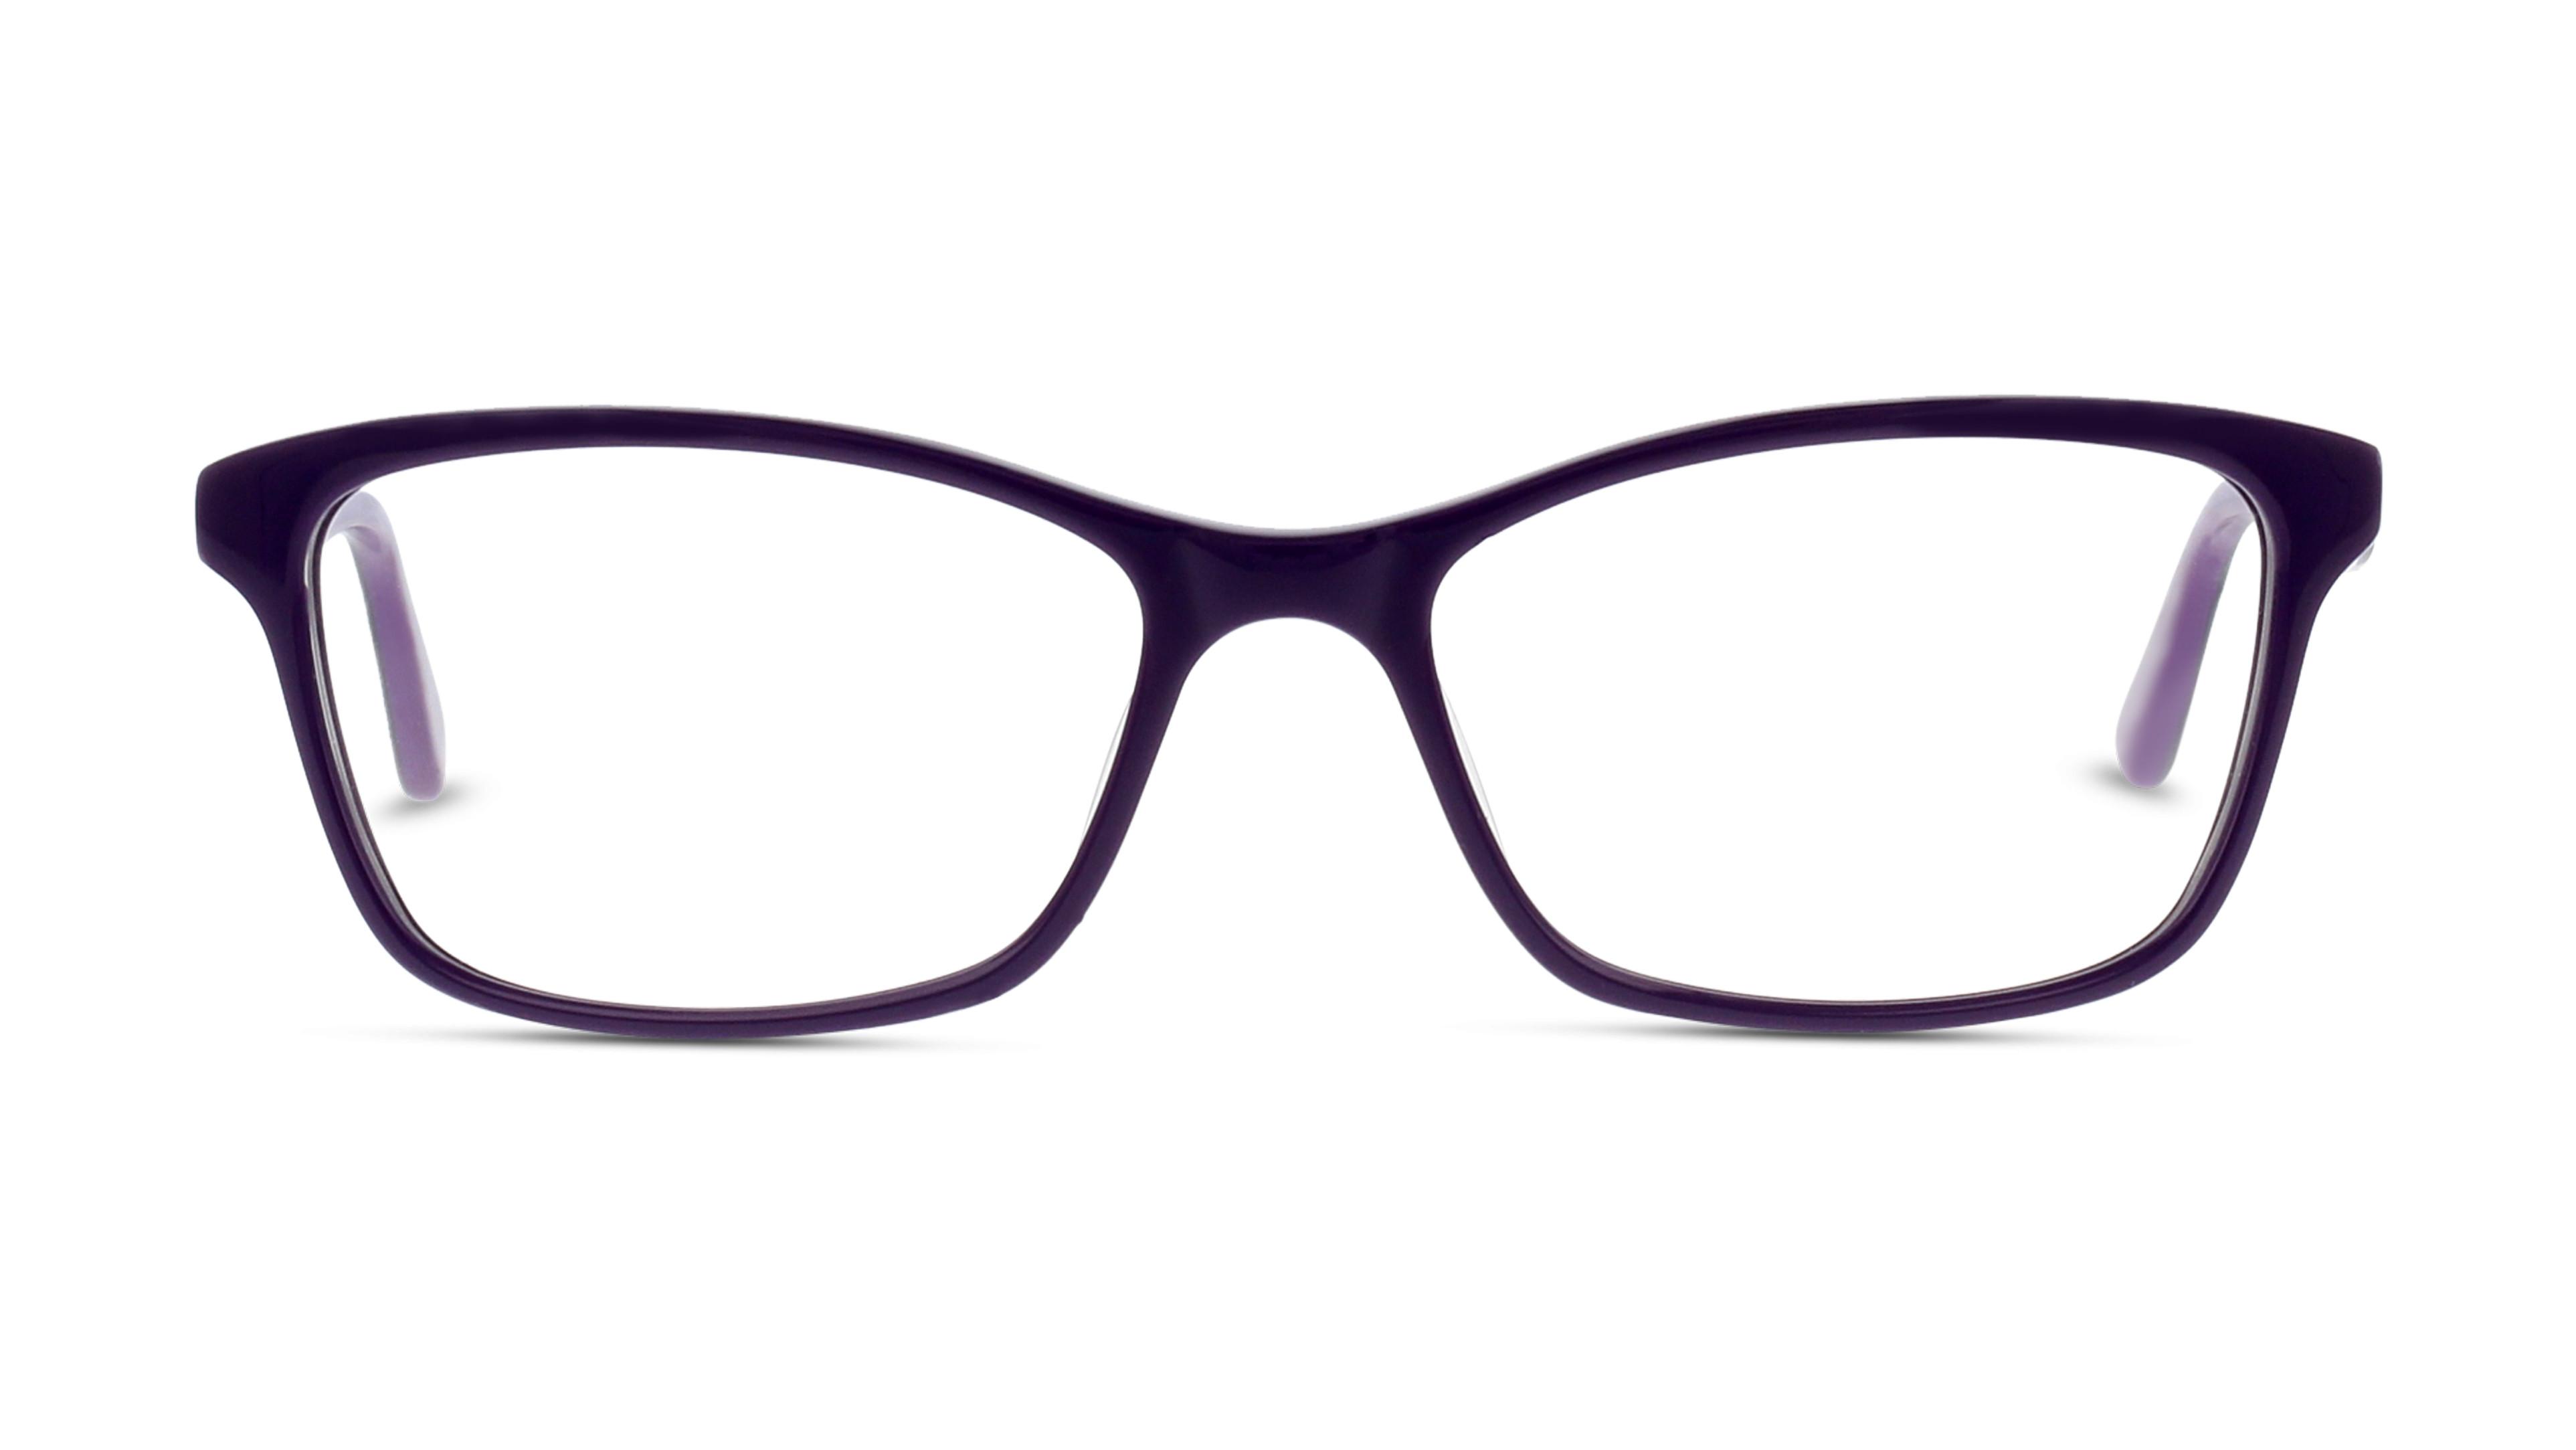 8719154236594-front-01-miki-ninn-mnff07-waveboom-violet-violet